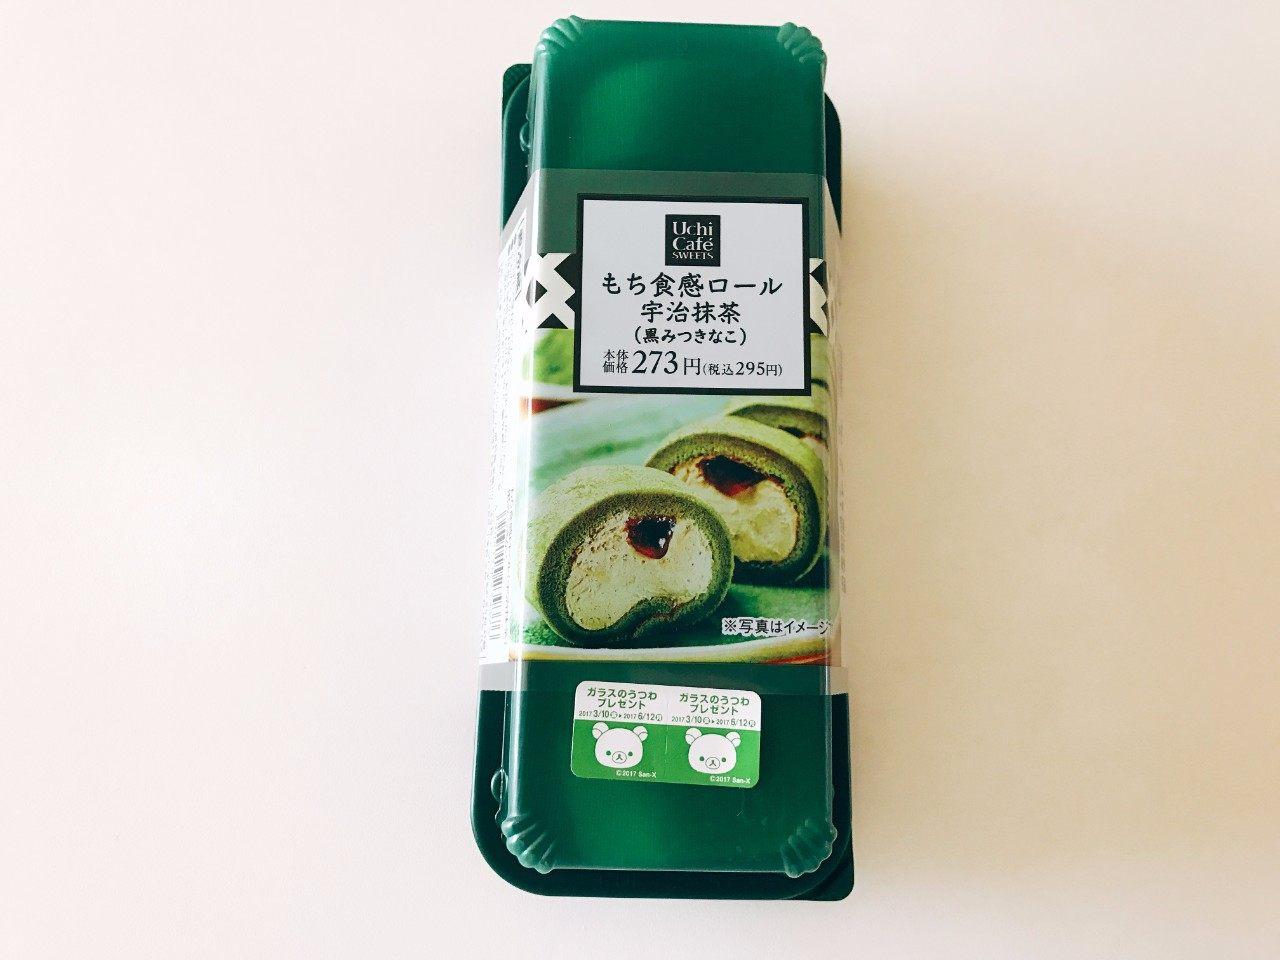 軟Q口感宇治抹茶瑞士捲(黑蜜黃豆粉)